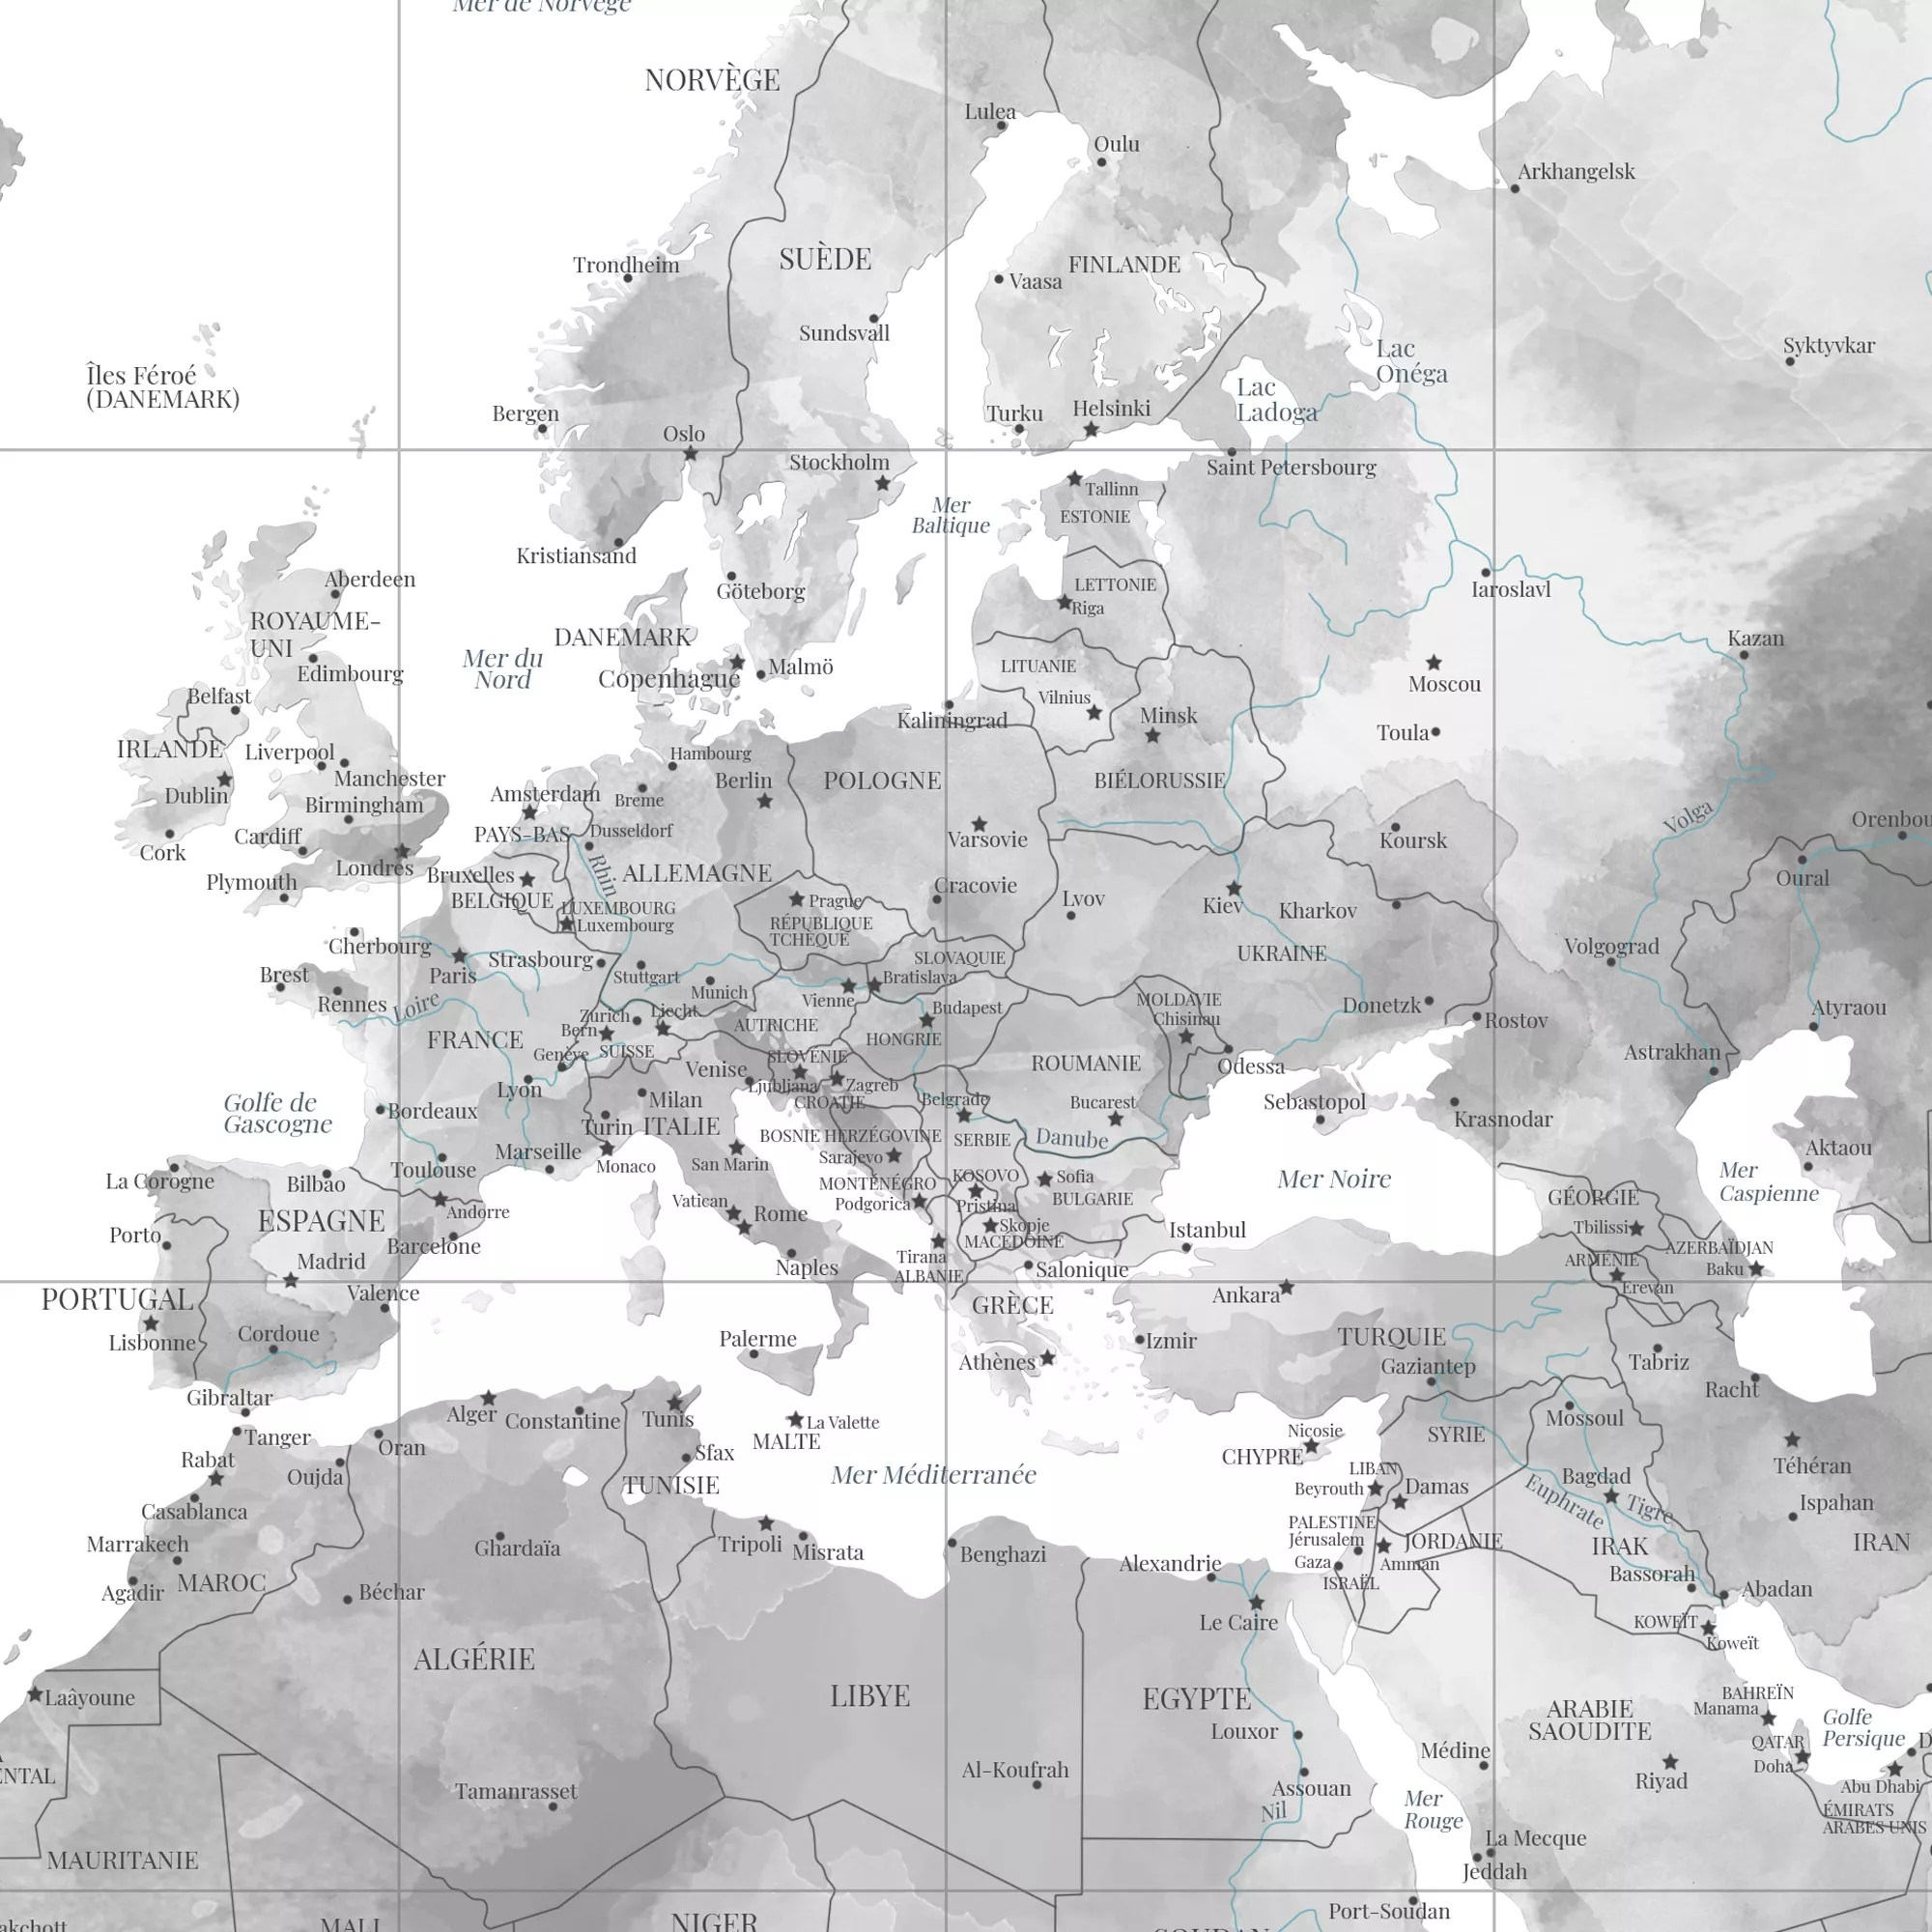 carte du monde noir et blanc murale en francais afficheo